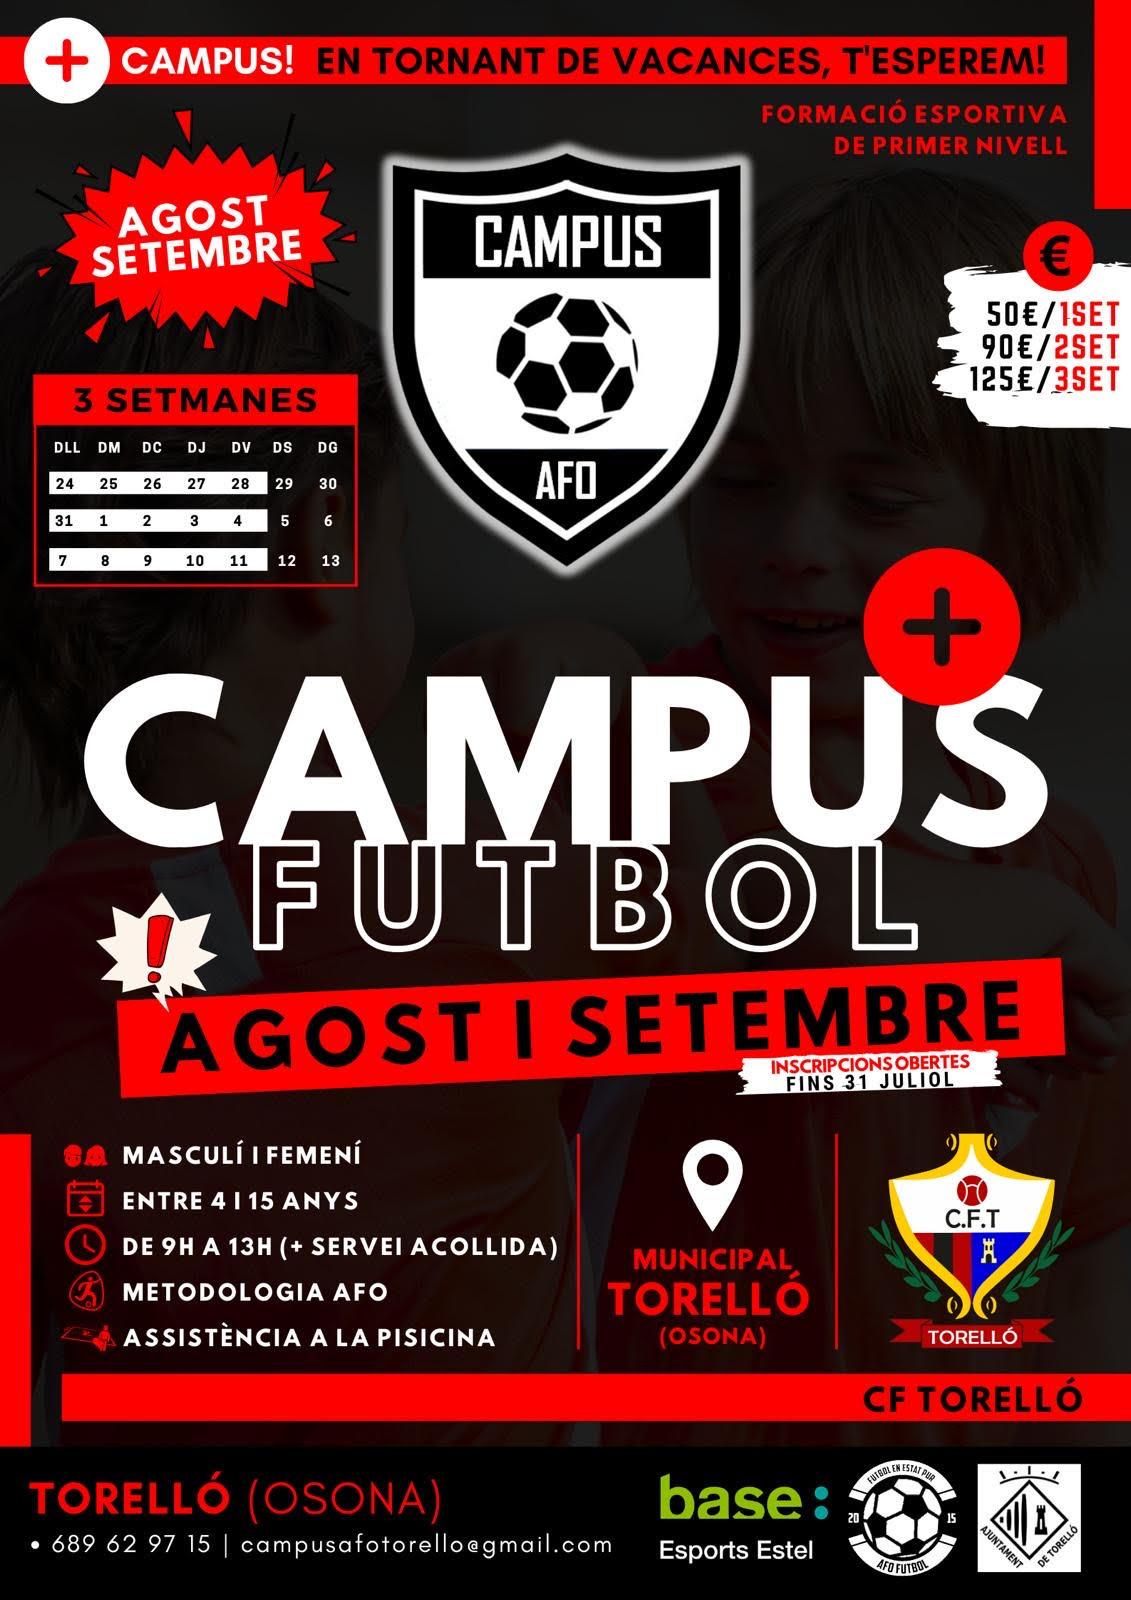 CAMPUS DE FUTBOL agost i setembre #CAMPUSAFO #CFTORELLÓ